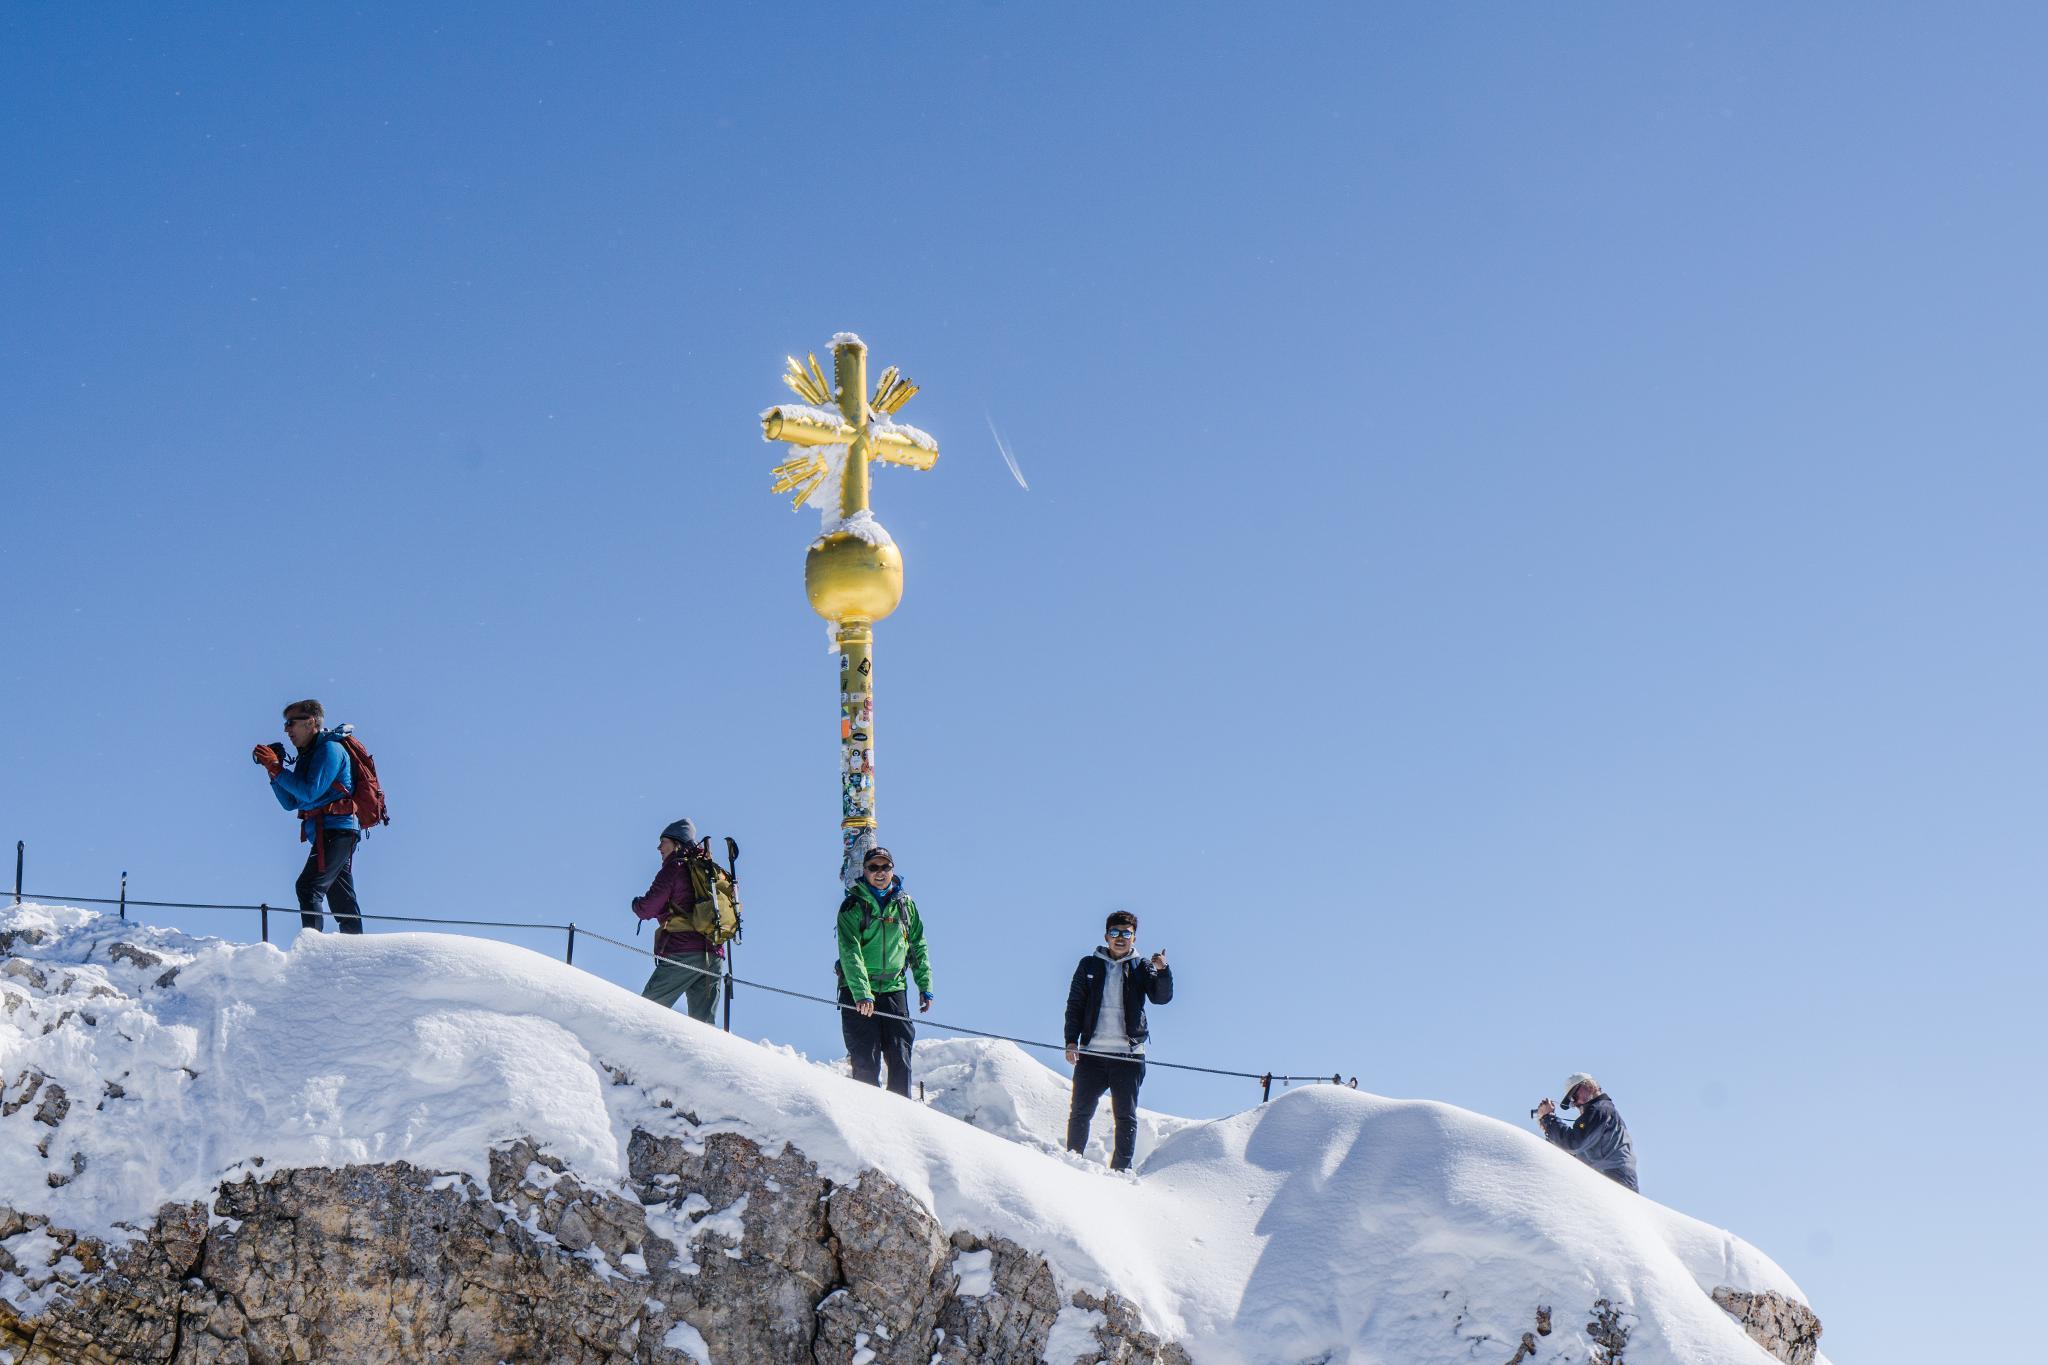 【德國】阿爾卑斯大道:楚格峰 (Zugspitze) 登上德國之巔 62